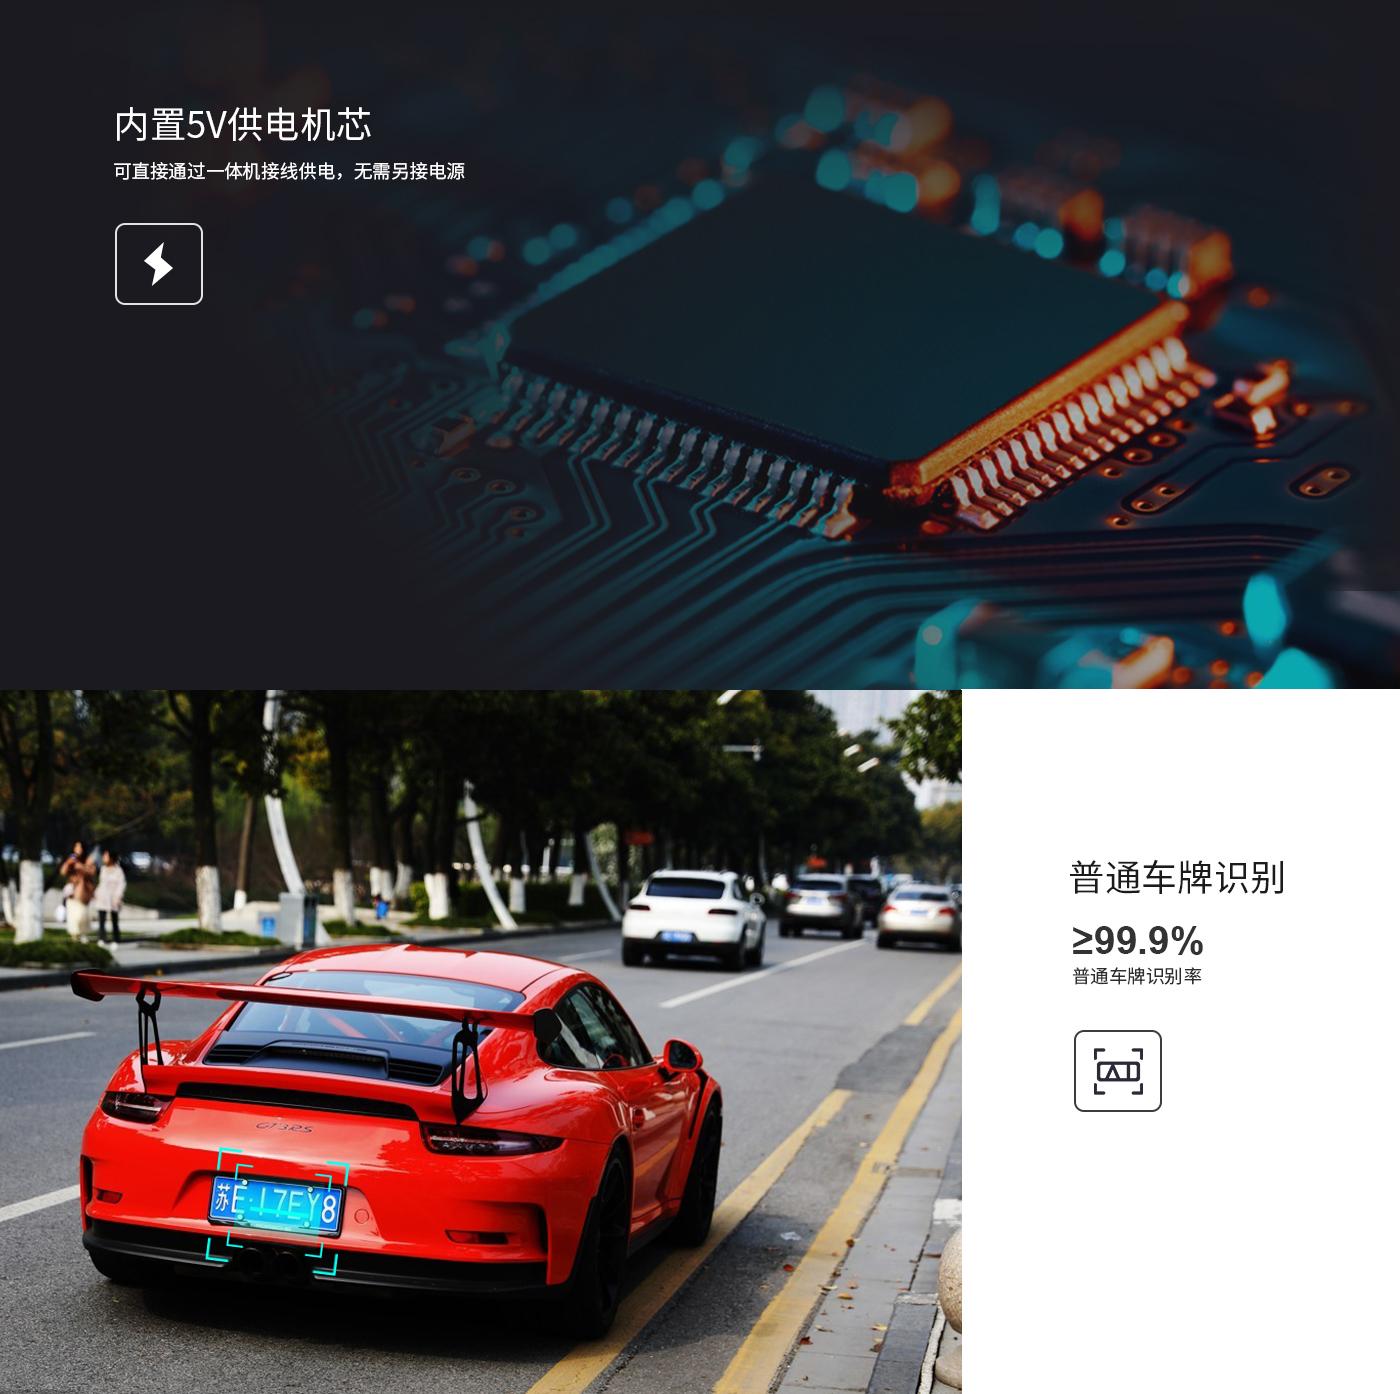 EVX113-D 基石系列高清车牌识别一体机3.jpg